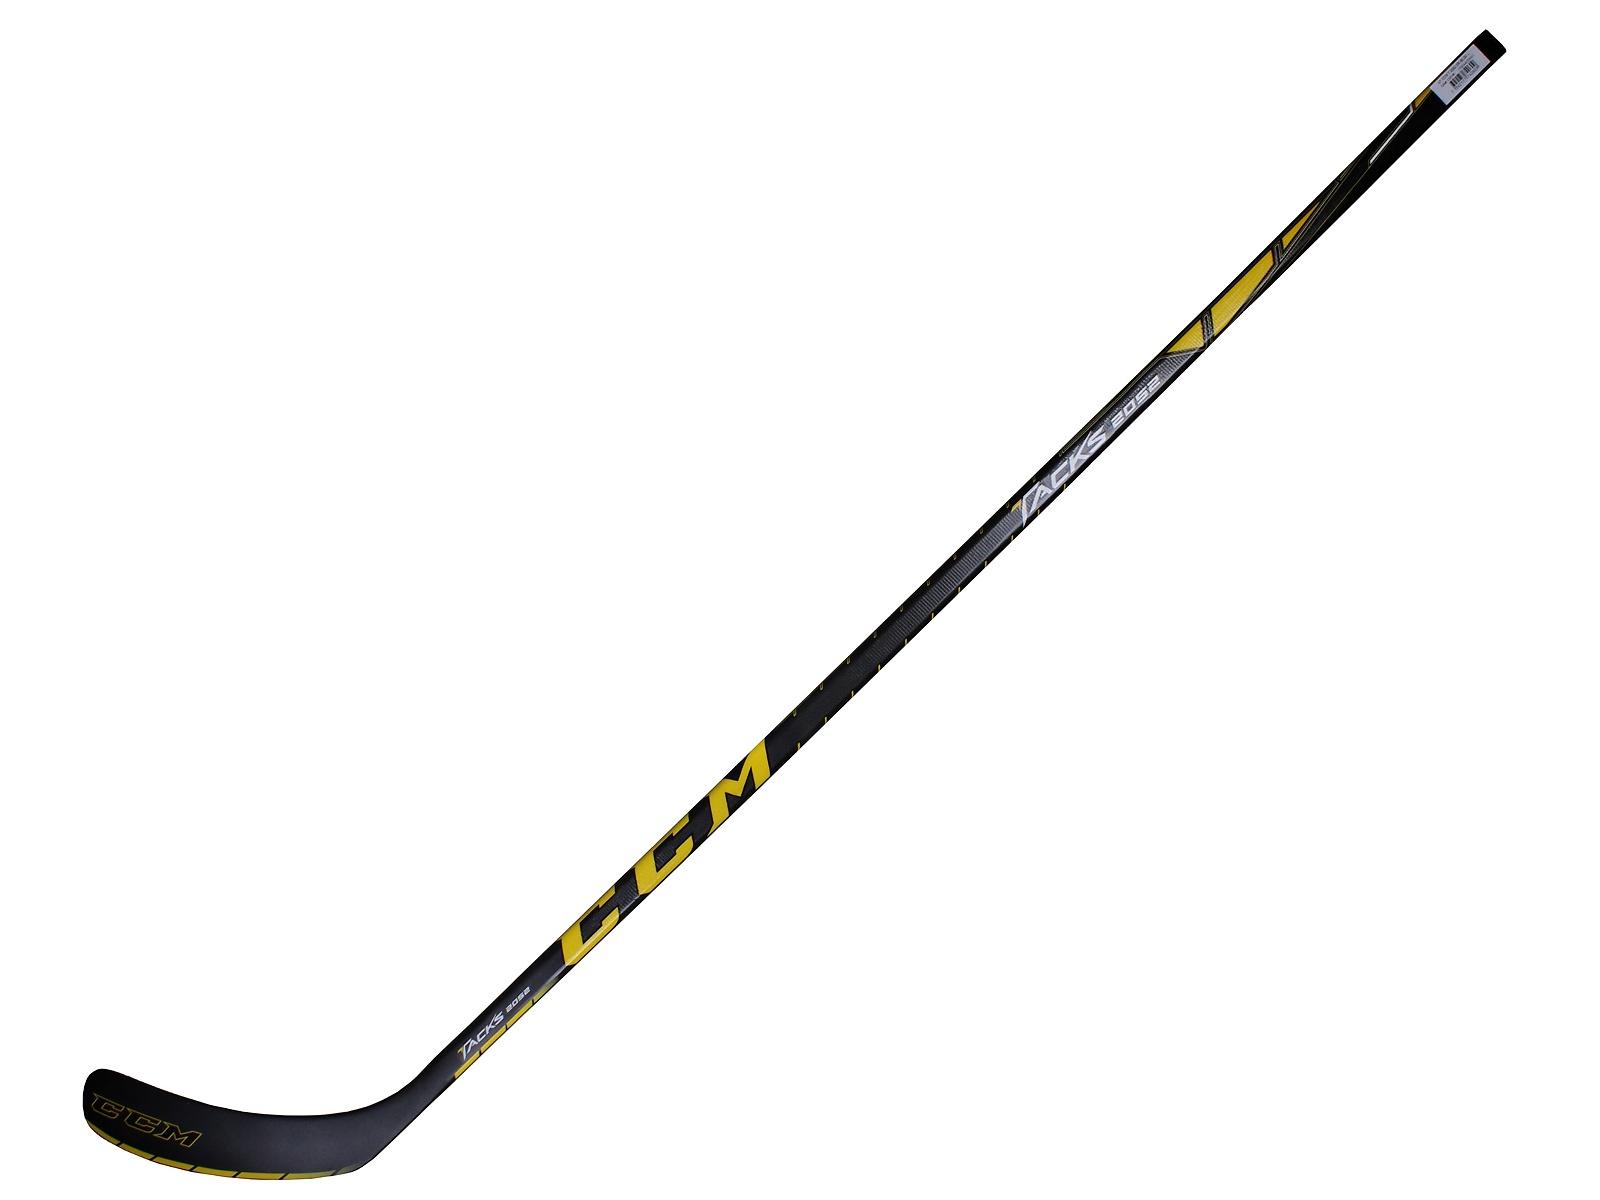 Hokejka CCM Tacks 2052 G kompozit, flex 85 - RH 29